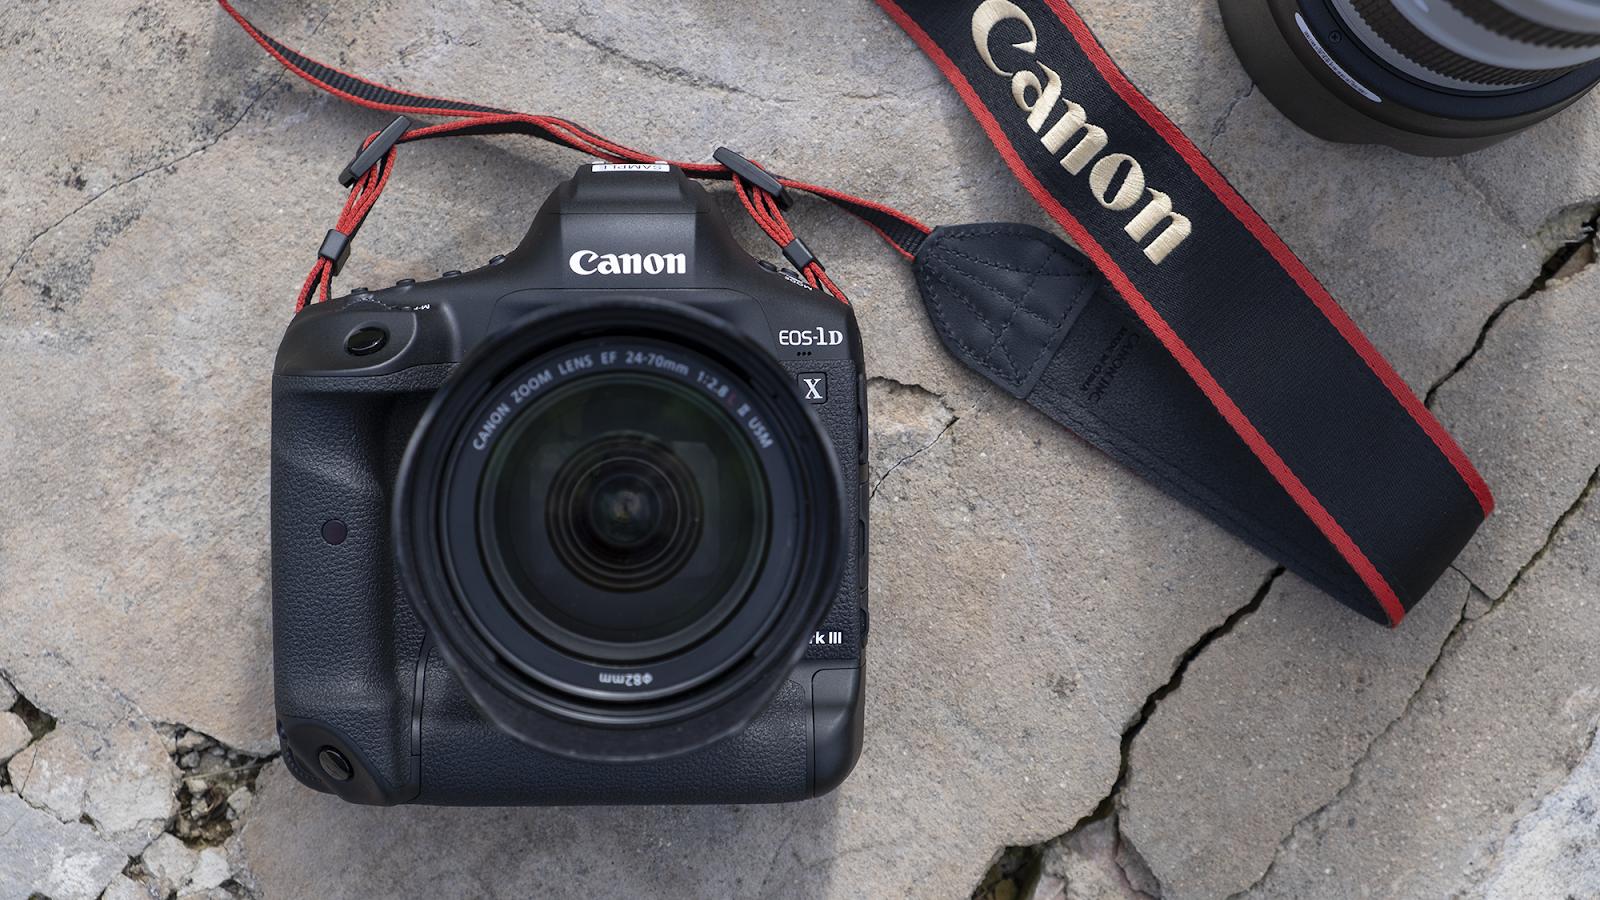 Canon DSLR on pavement